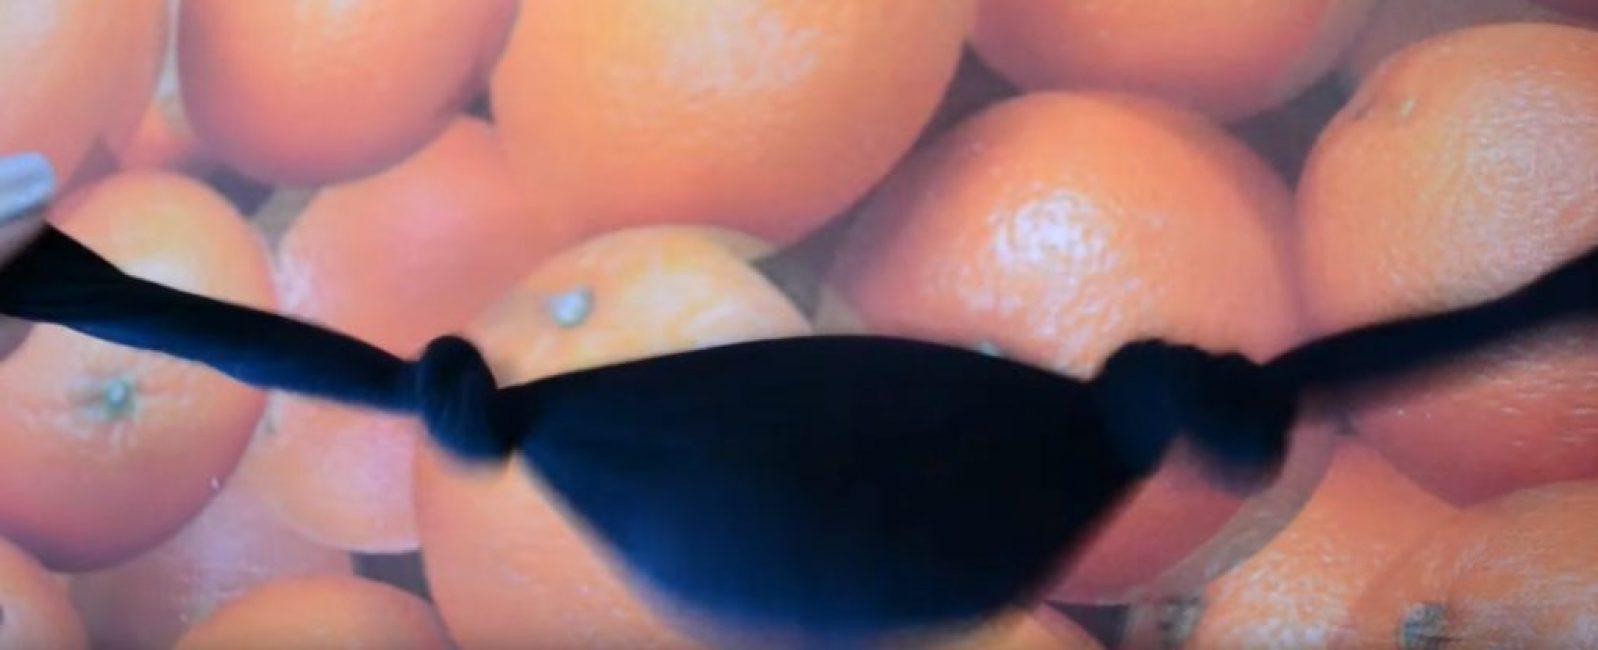 Раскручивание яйца